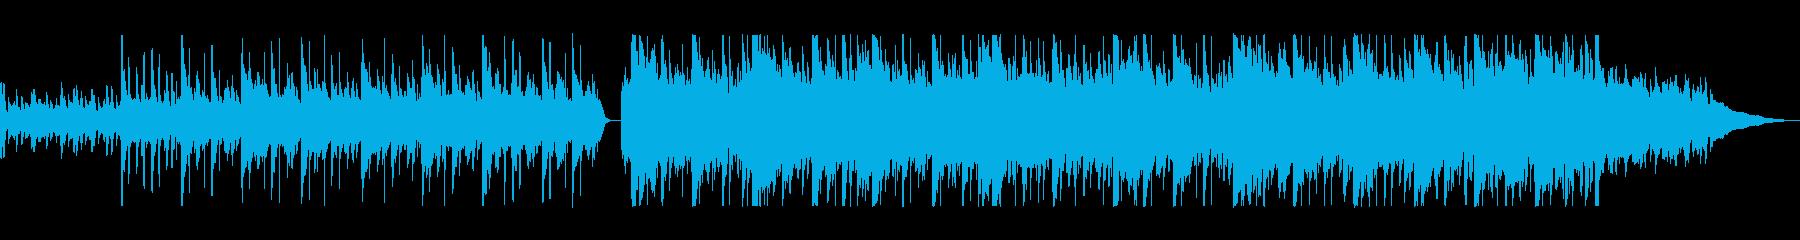 ストリングスが爽やかなポップスの再生済みの波形